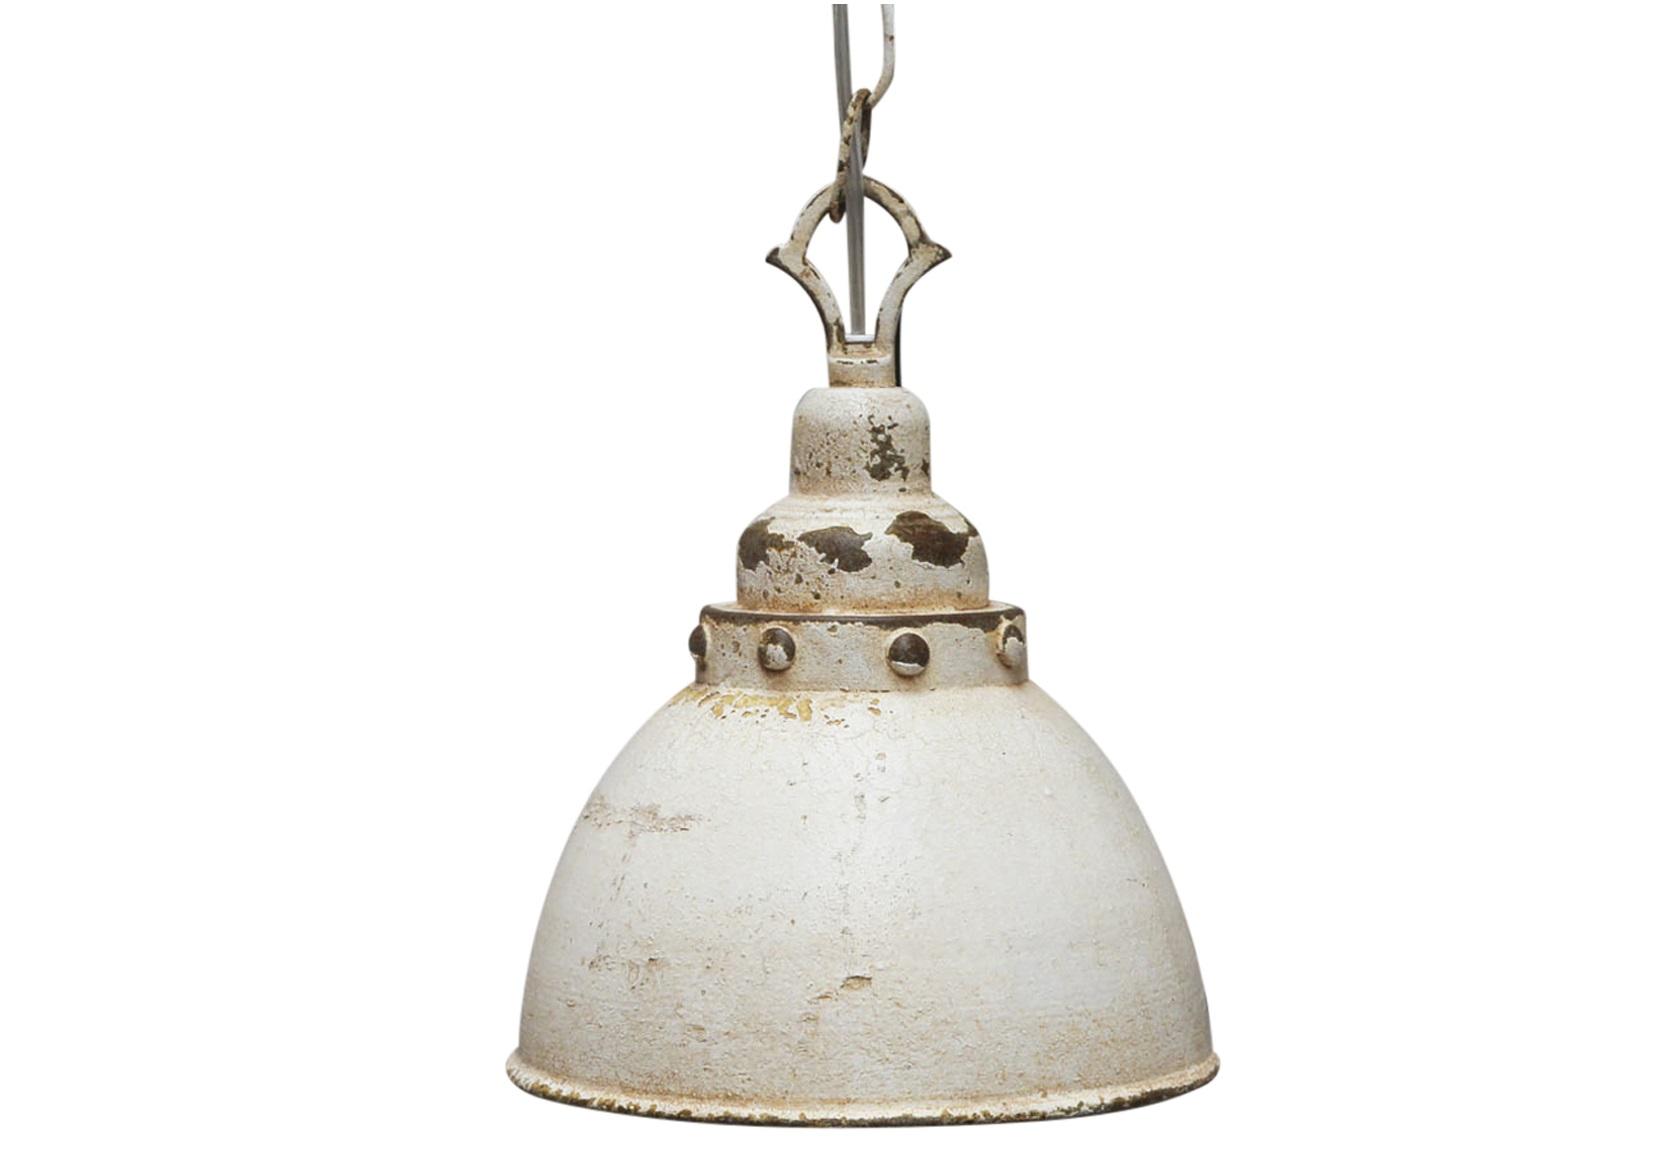 Подвесной светильникПодвесные светильники<br>&amp;lt;div&amp;gt;Вид цоколя: E14&amp;lt;/div&amp;gt;&amp;lt;div&amp;gt;Мощность: 60W&amp;lt;/div&amp;gt;&amp;lt;div&amp;gt;Количество ламп: 1 (нет в комплекте)&amp;lt;/div&amp;gt;&amp;lt;div&amp;gt;&amp;lt;br&amp;gt;&amp;lt;/div&amp;gt;&amp;lt;div&amp;gt;Материал: патинированный металл&amp;lt;/div&amp;gt;<br><br>Material: Металл<br>Width см: None<br>Depth см: None<br>Height см: 26<br>Diameter см: 19